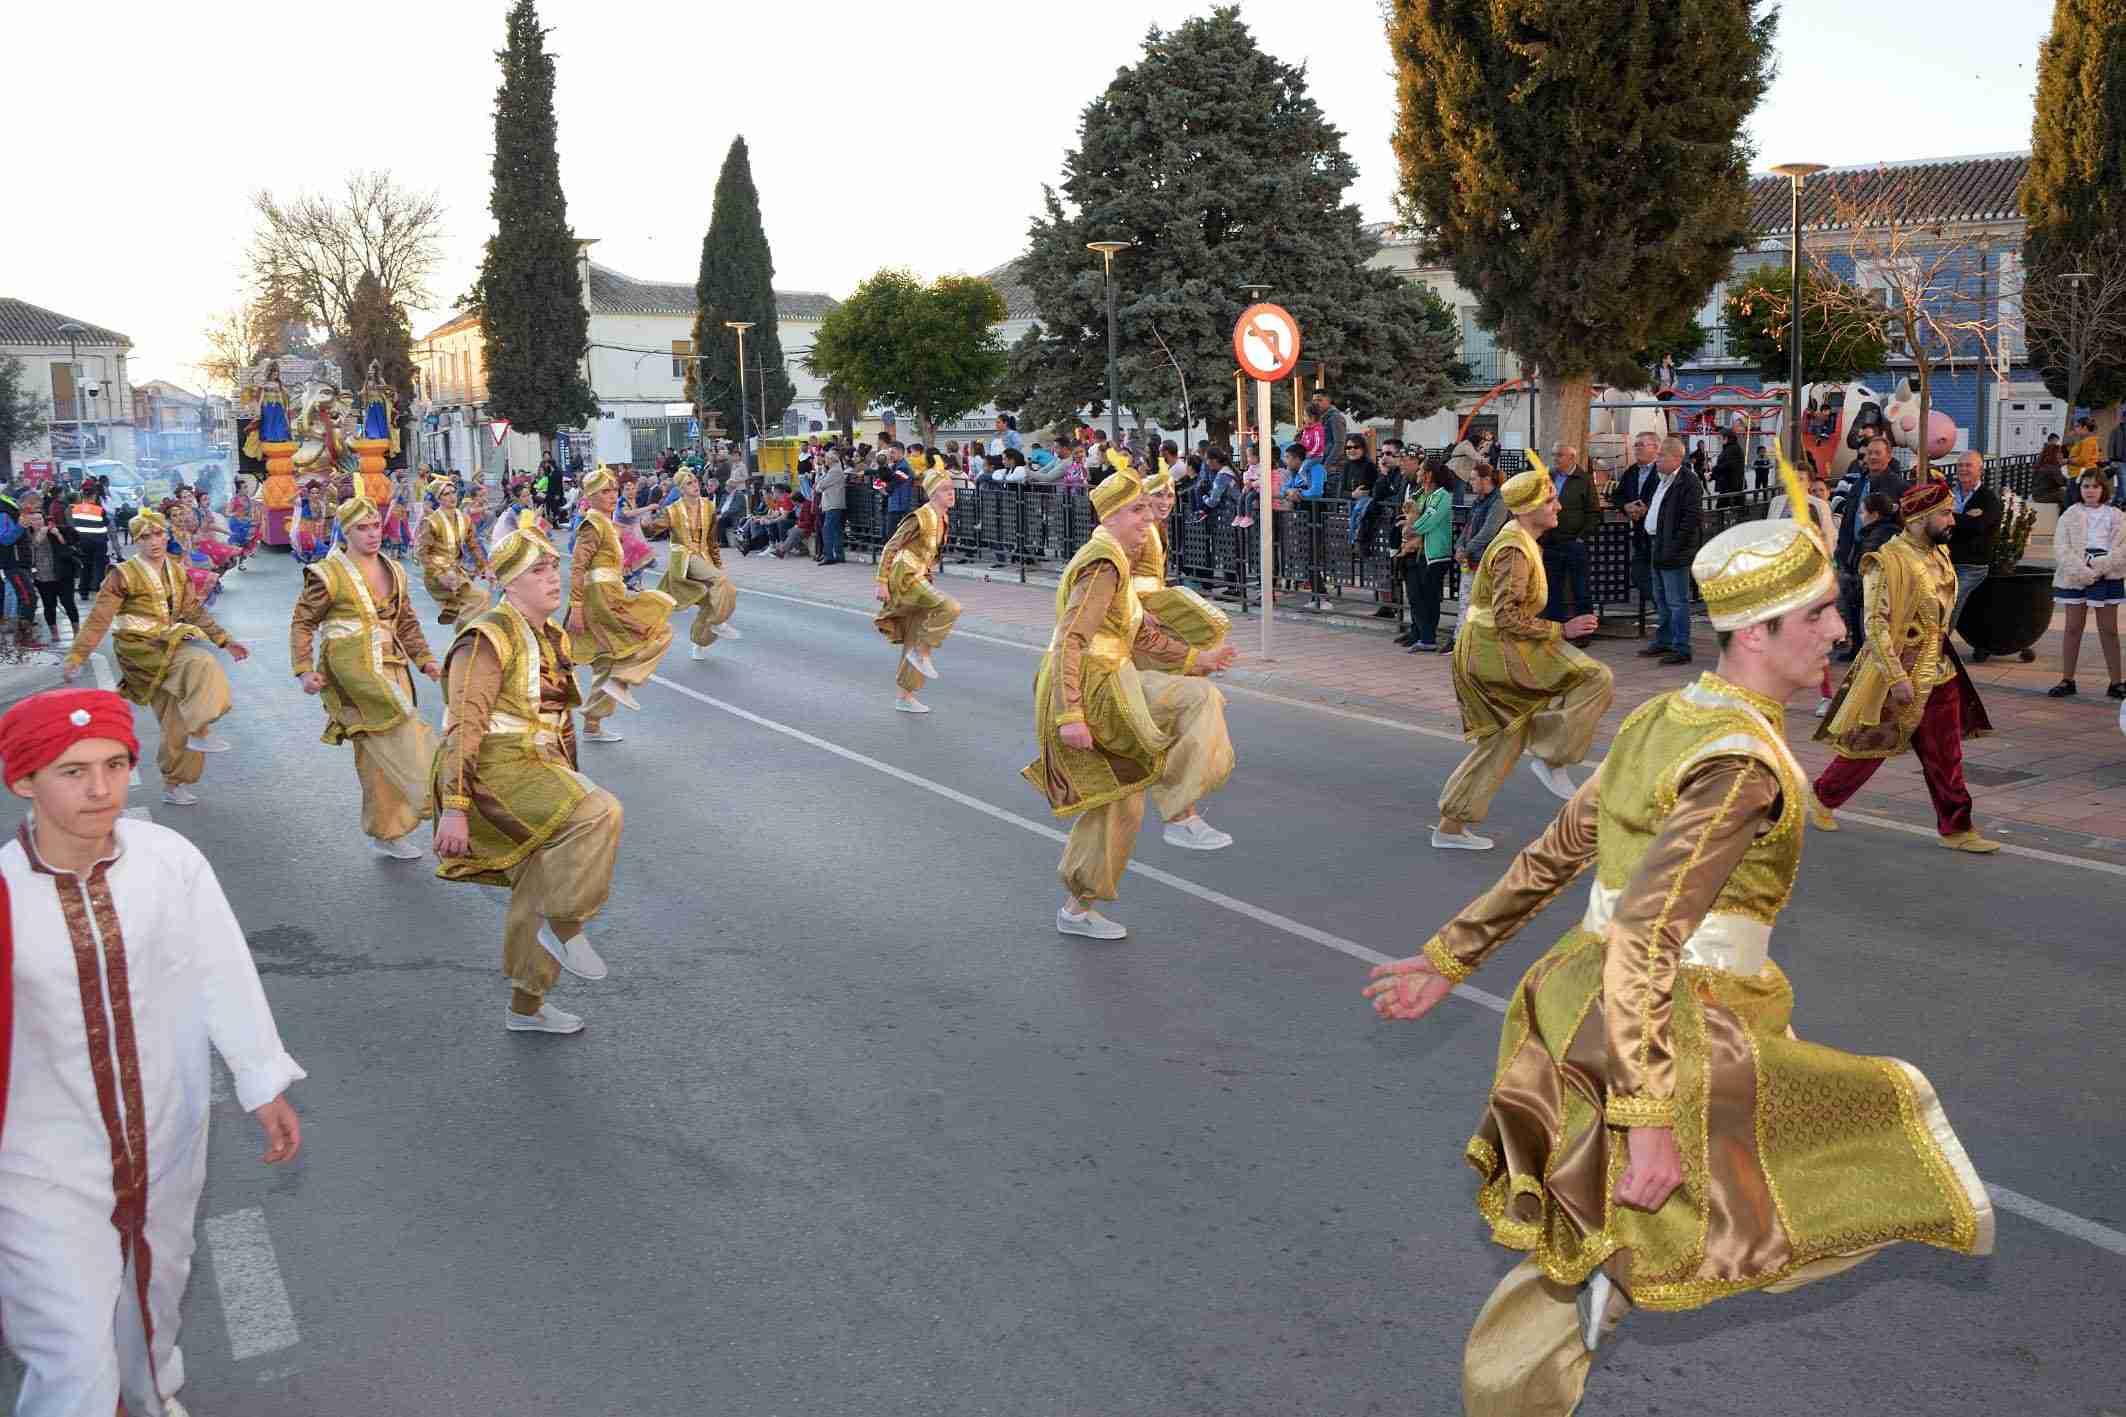 Ritmo, color y mucha originalidad en el Desfile de Comparsas 2020 de Argamasilla de Alba 43